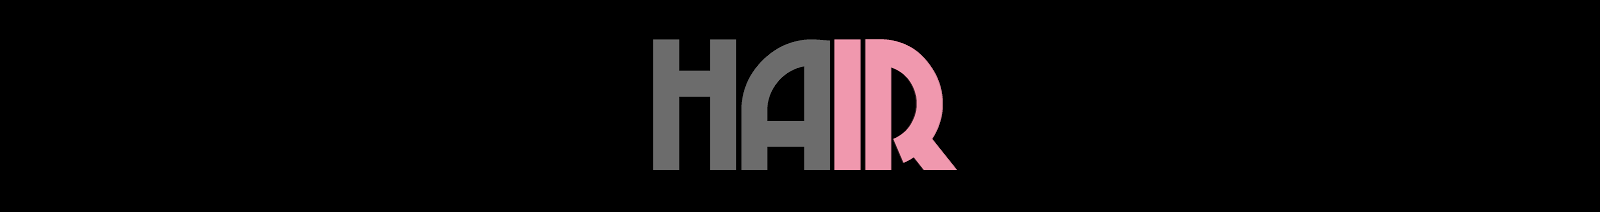 Hair Title